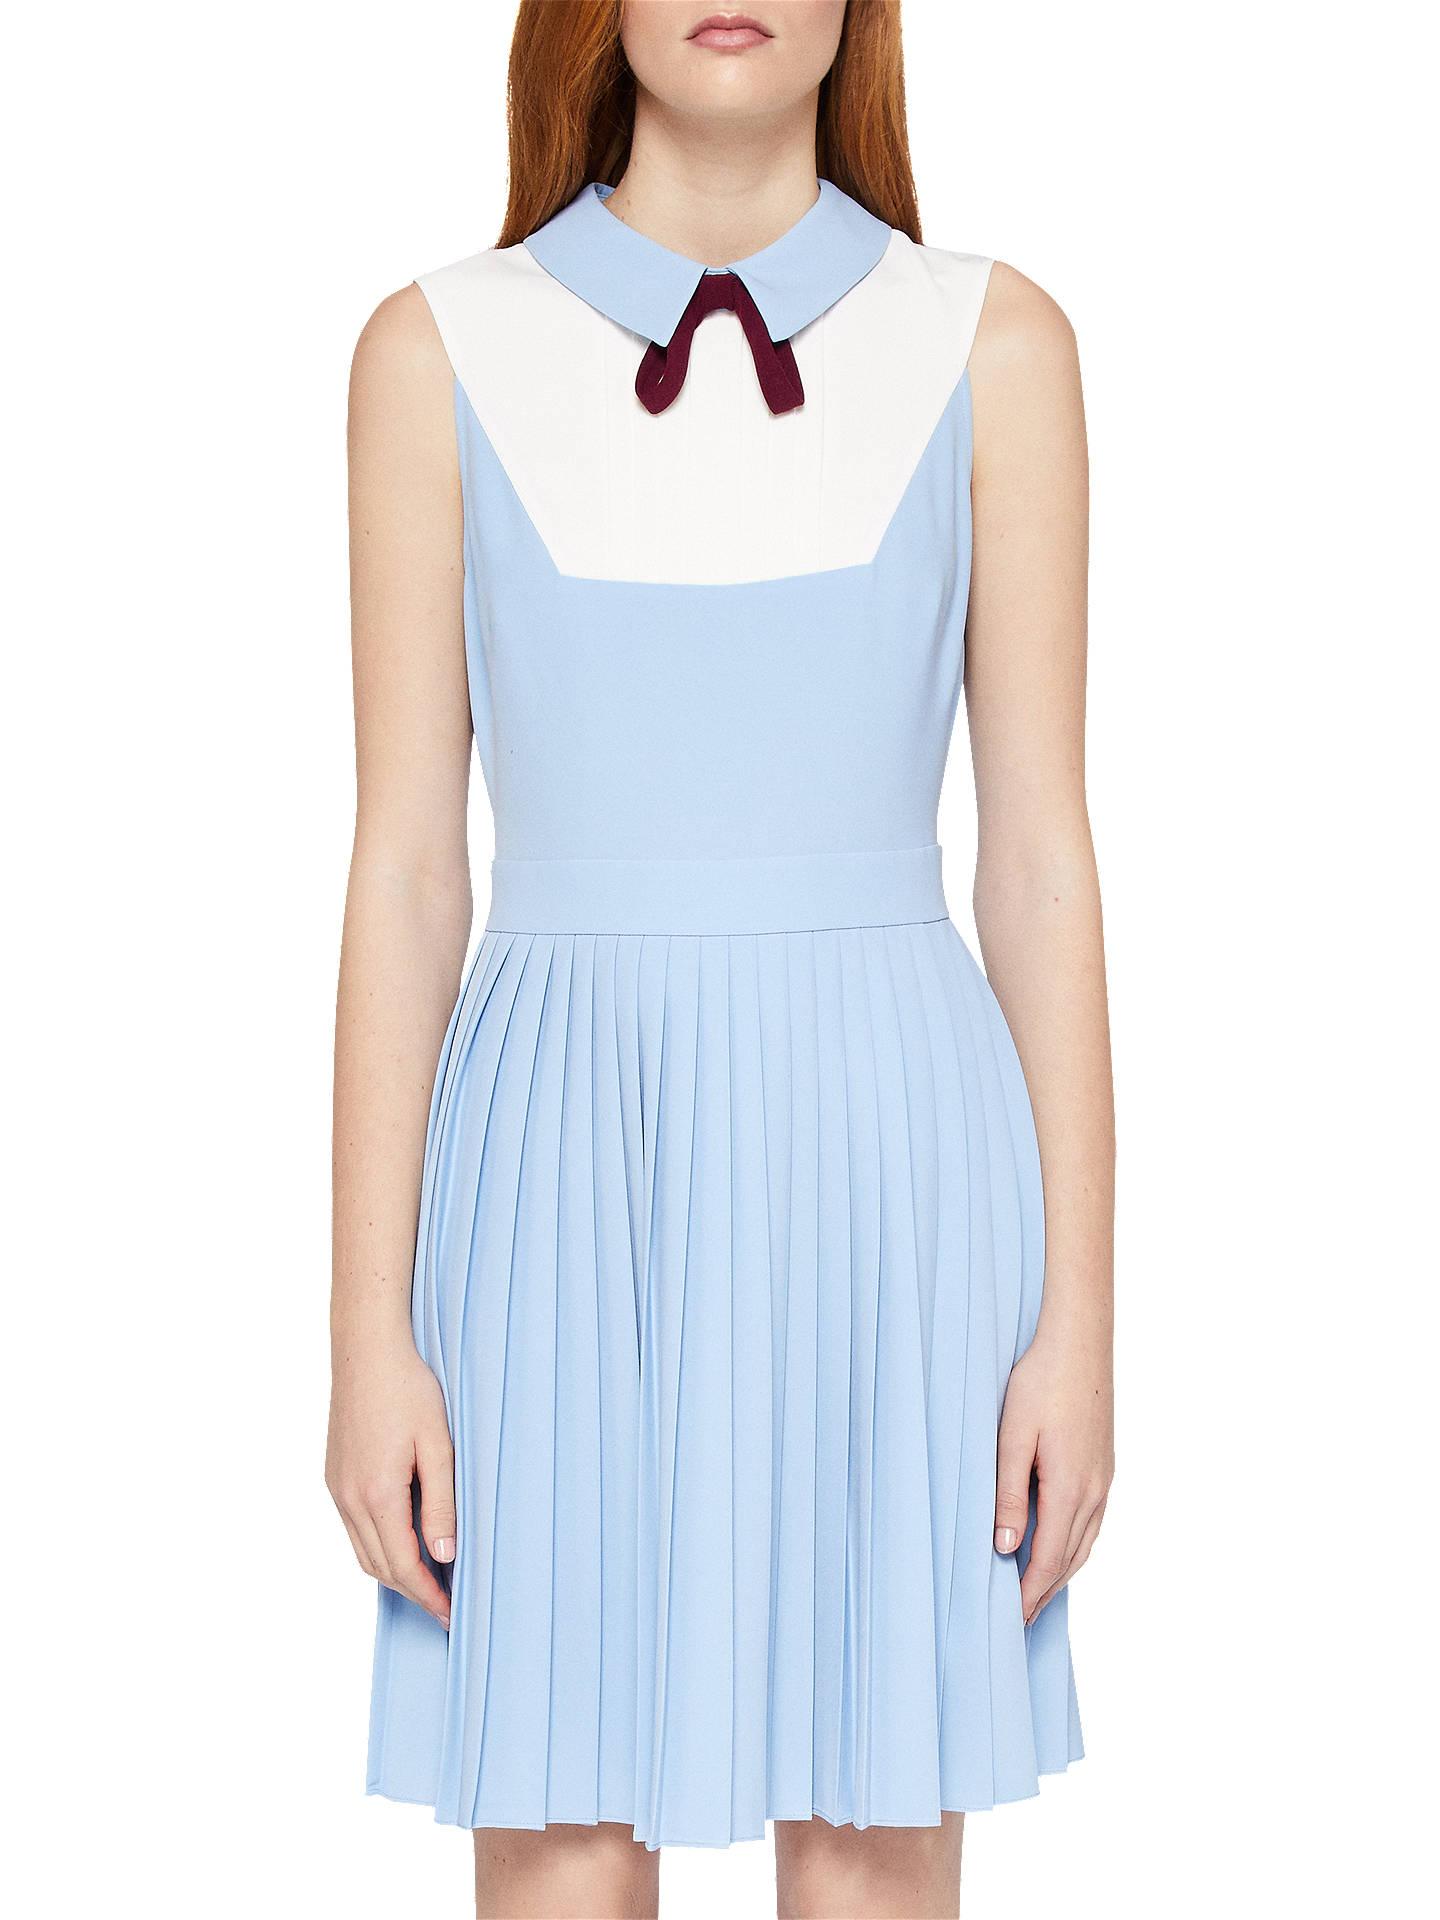 426c5aac5c BuyTed Baker Bib Pleat Dress